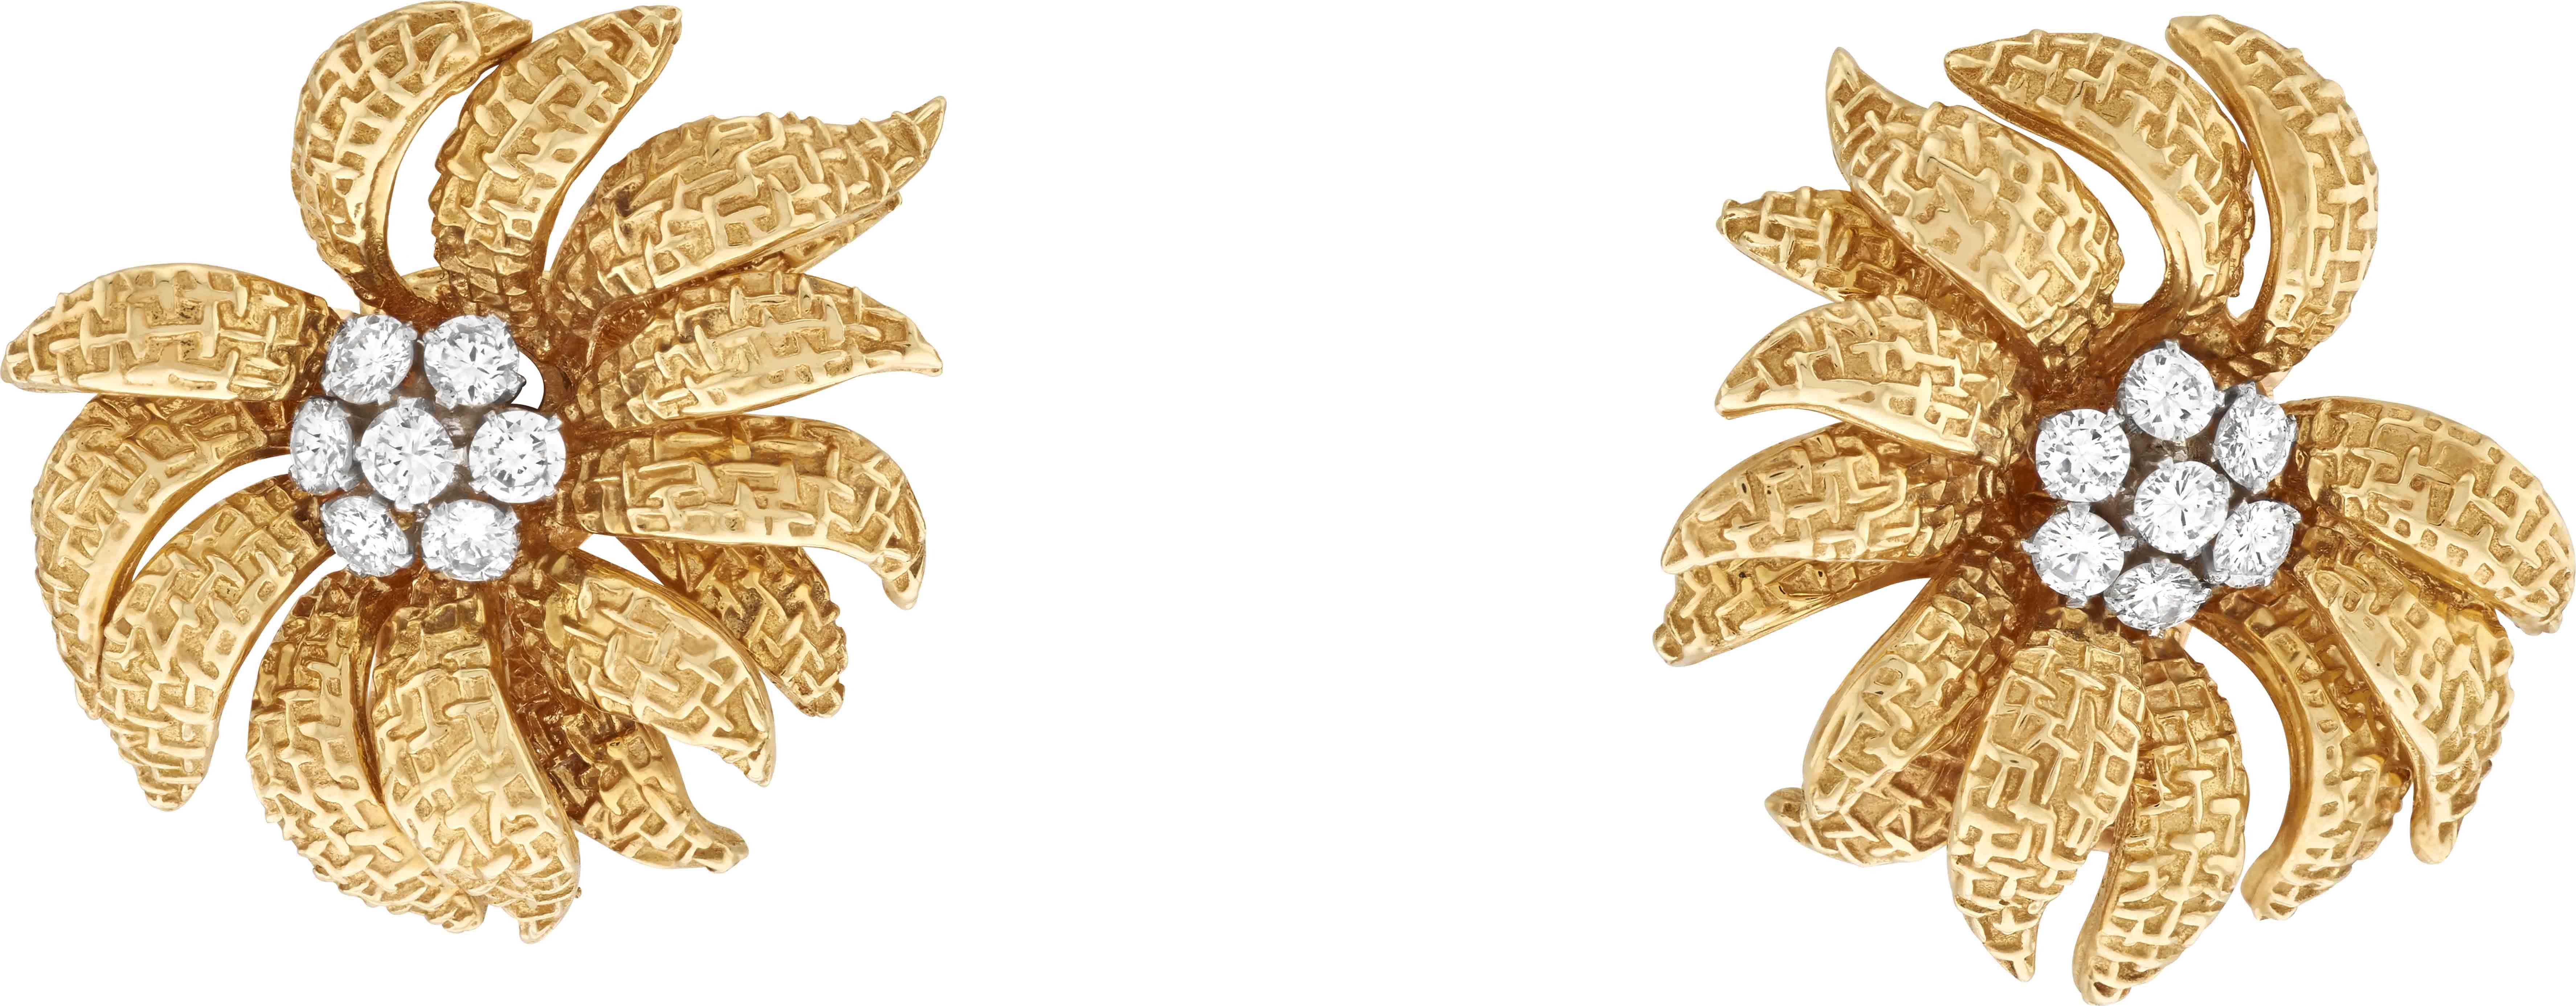 1961- أقراط أذن كريزانتيموم، 1964 -مصممة من ذهب أصفر، بلاتين، ماس